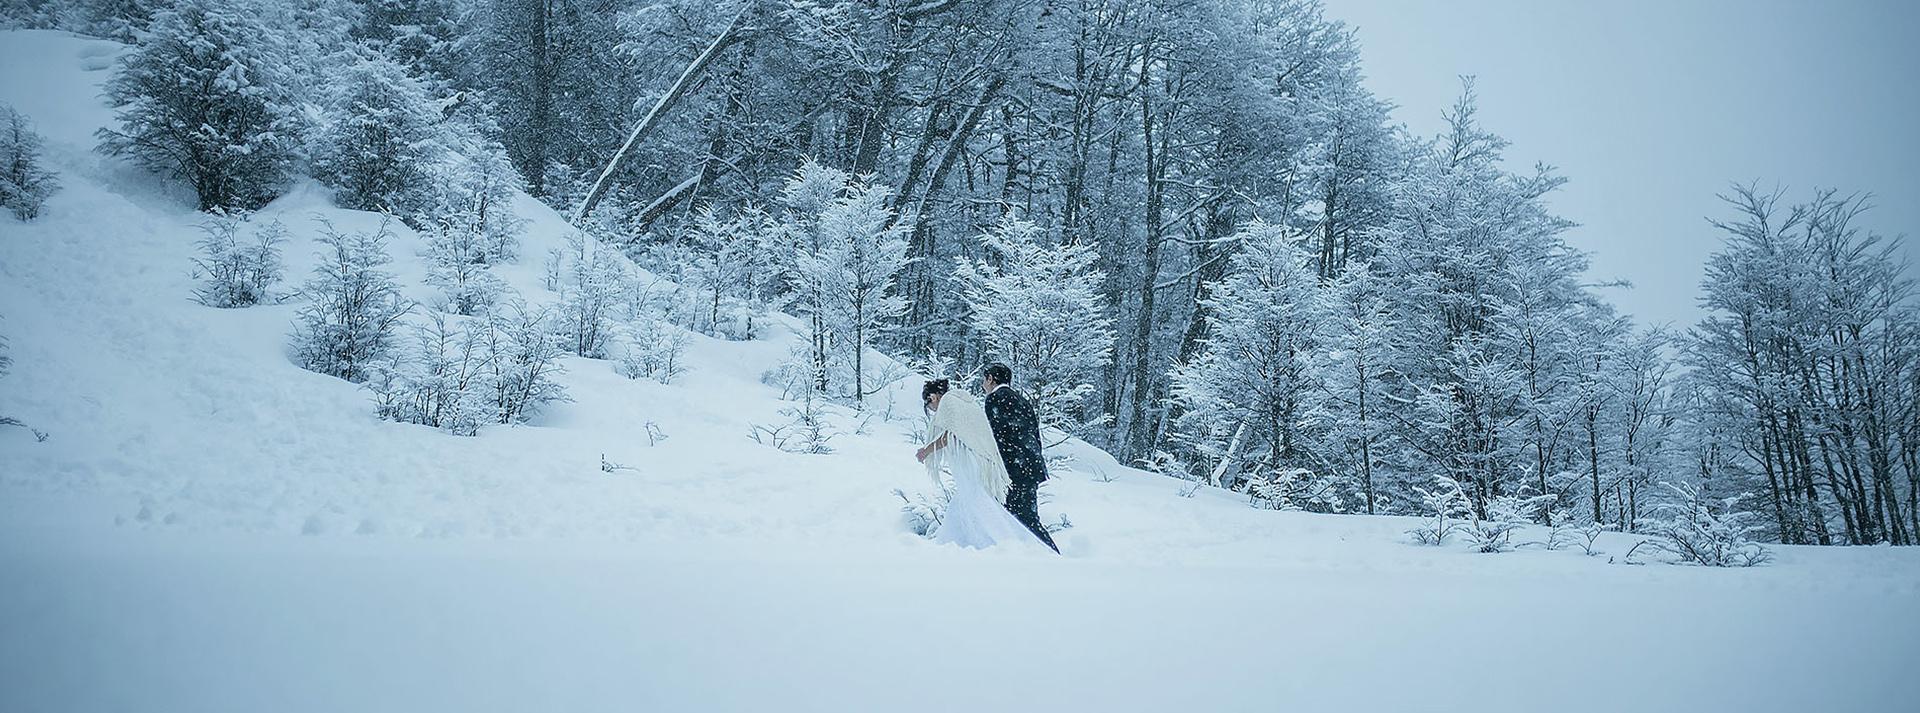 boda en bariloche casamiento en bariloche fotografo de bodas en bariloche fotografo de casamientos en bariloche